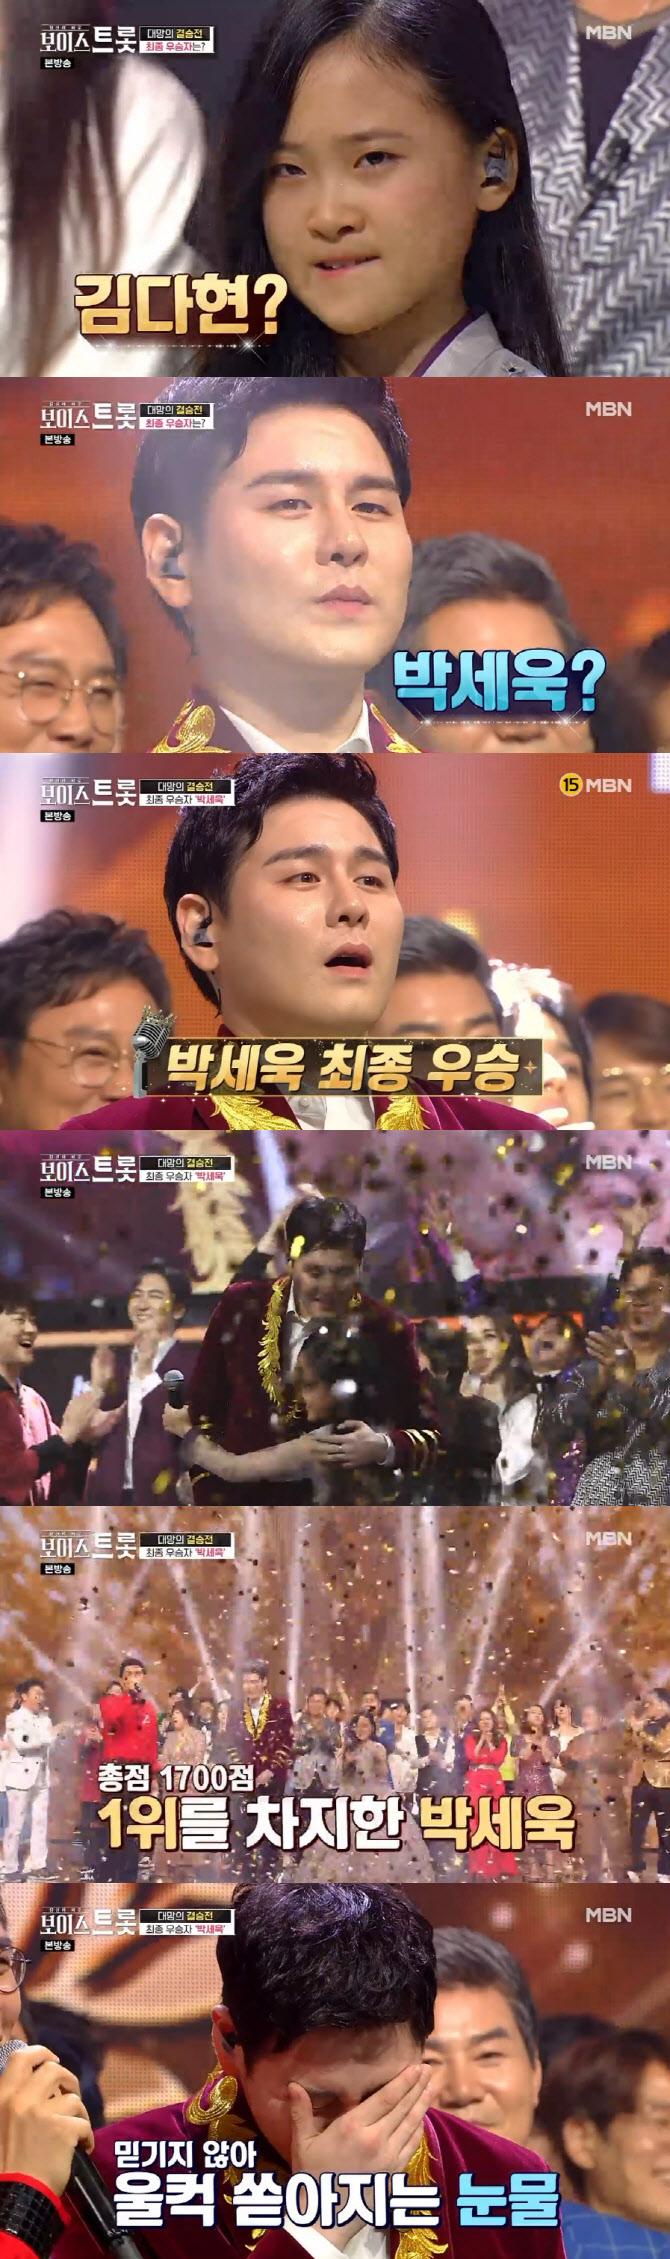 """""""부모님 생각나""""…'보이스트롯' 박세욱, 최종 우승→김다현 2위·조문근 3위 [종합..."""